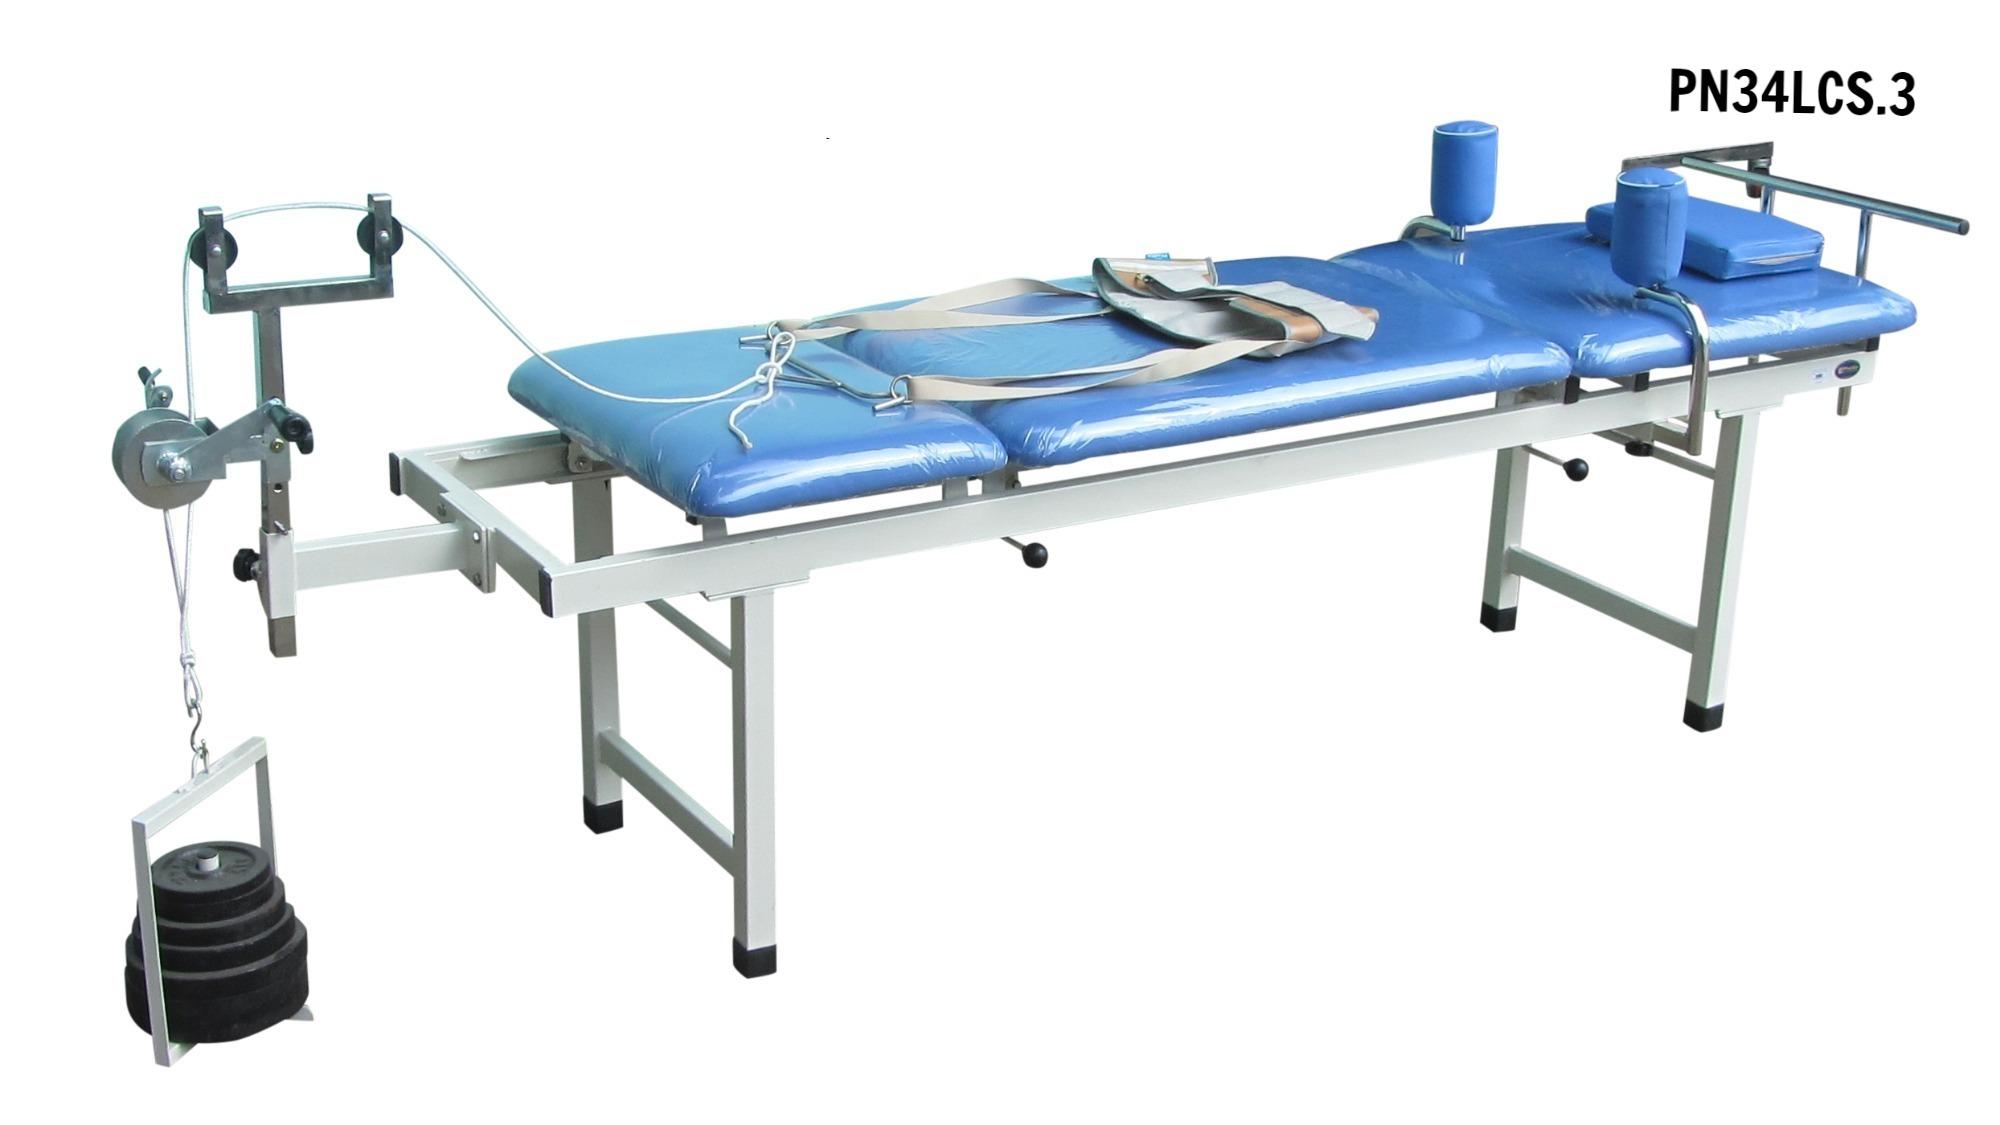 PN34LCS.3 - Giường kéo cột sống lưng + kéo cổ M3 (sắt)